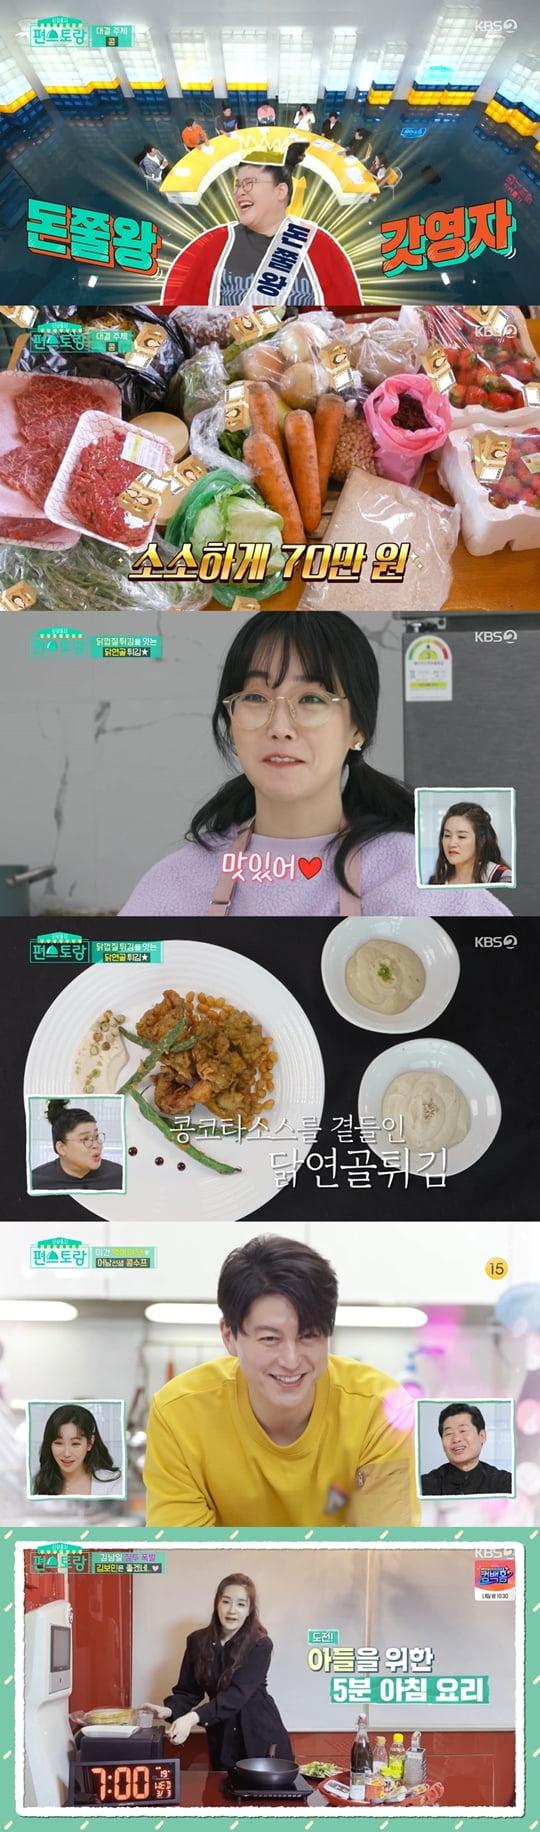 편스토랑 류수영(사진= KBS 2TV '신상출시 편스토랑')